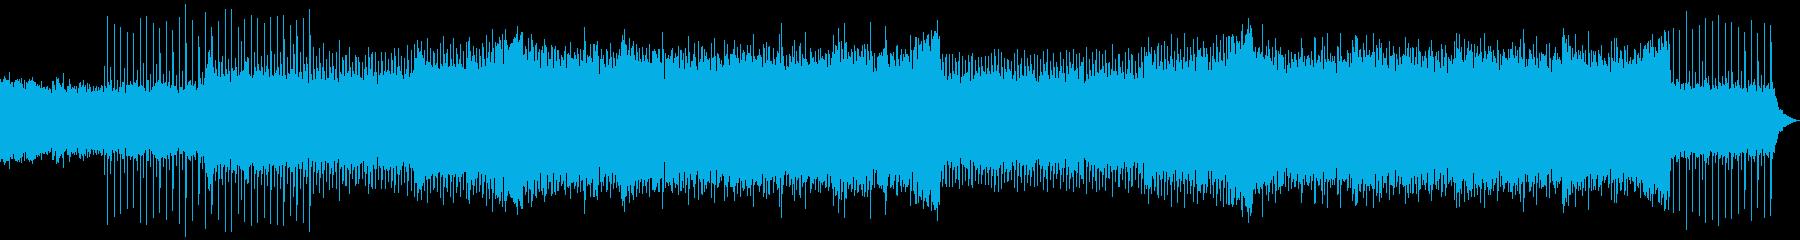 爽やか・疾走感・EDM・CMの再生済みの波形